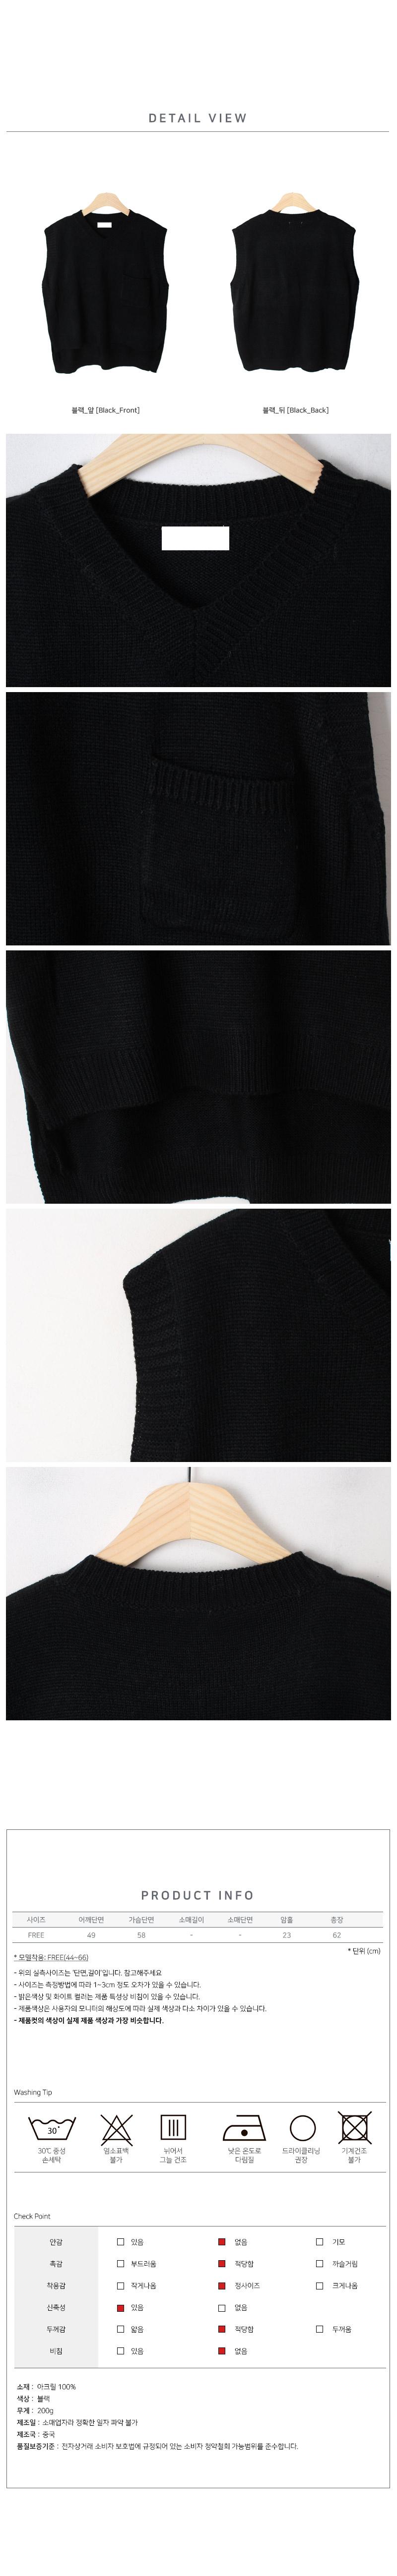 Lone mini pocket